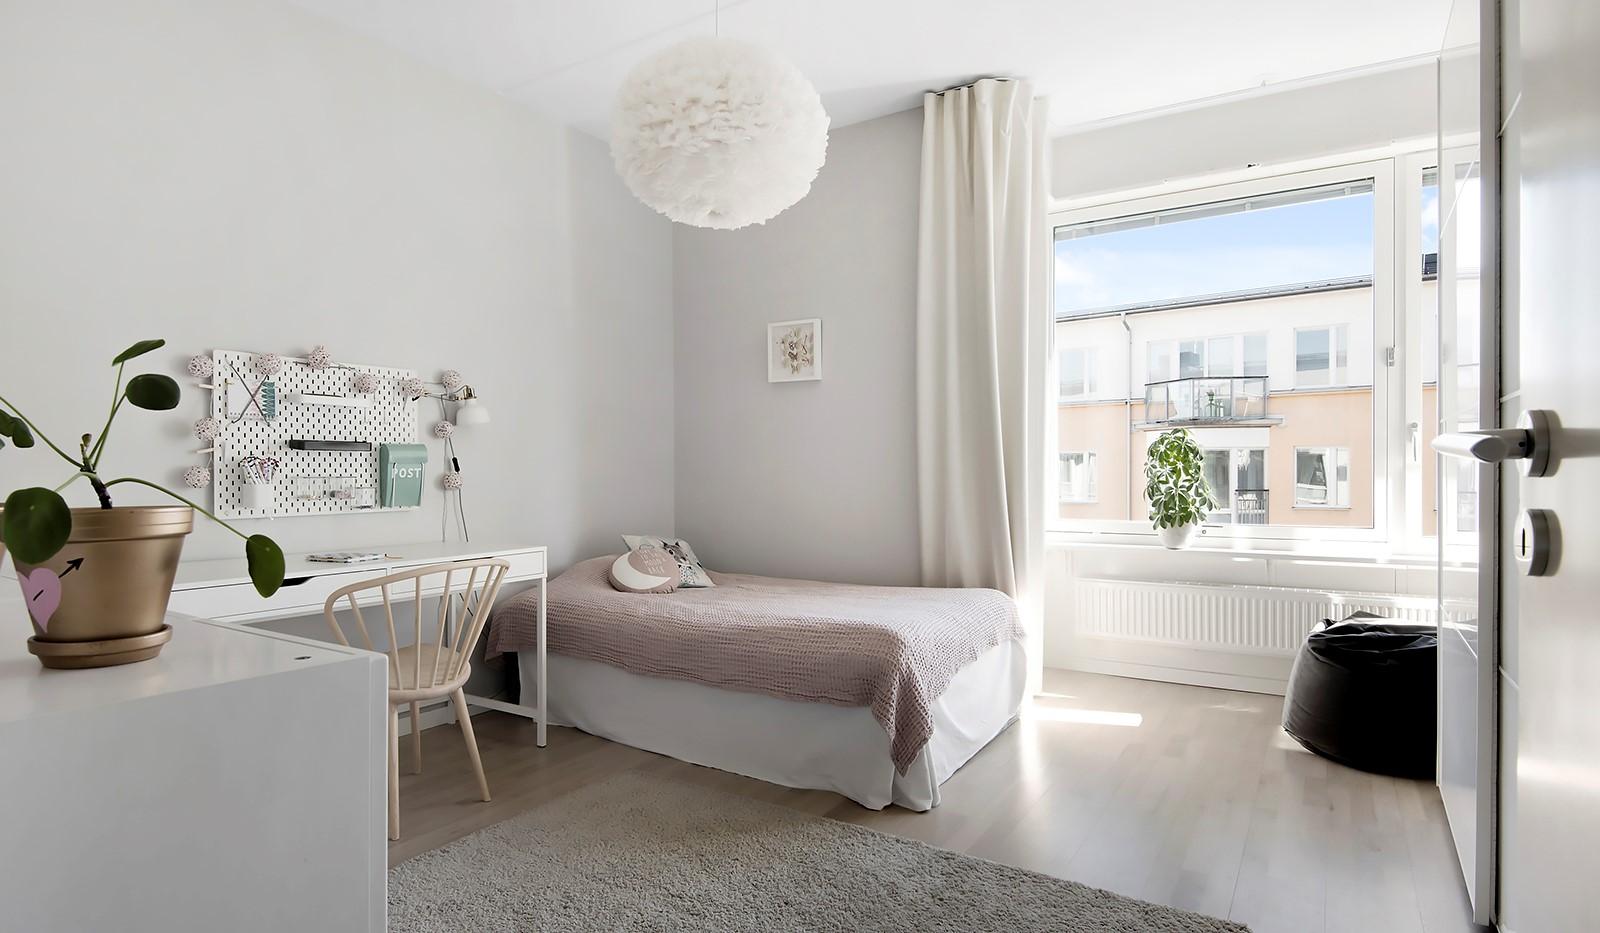 Babordsgatan 5, vån 3 - Rymligt sovrum med vackert burspråk